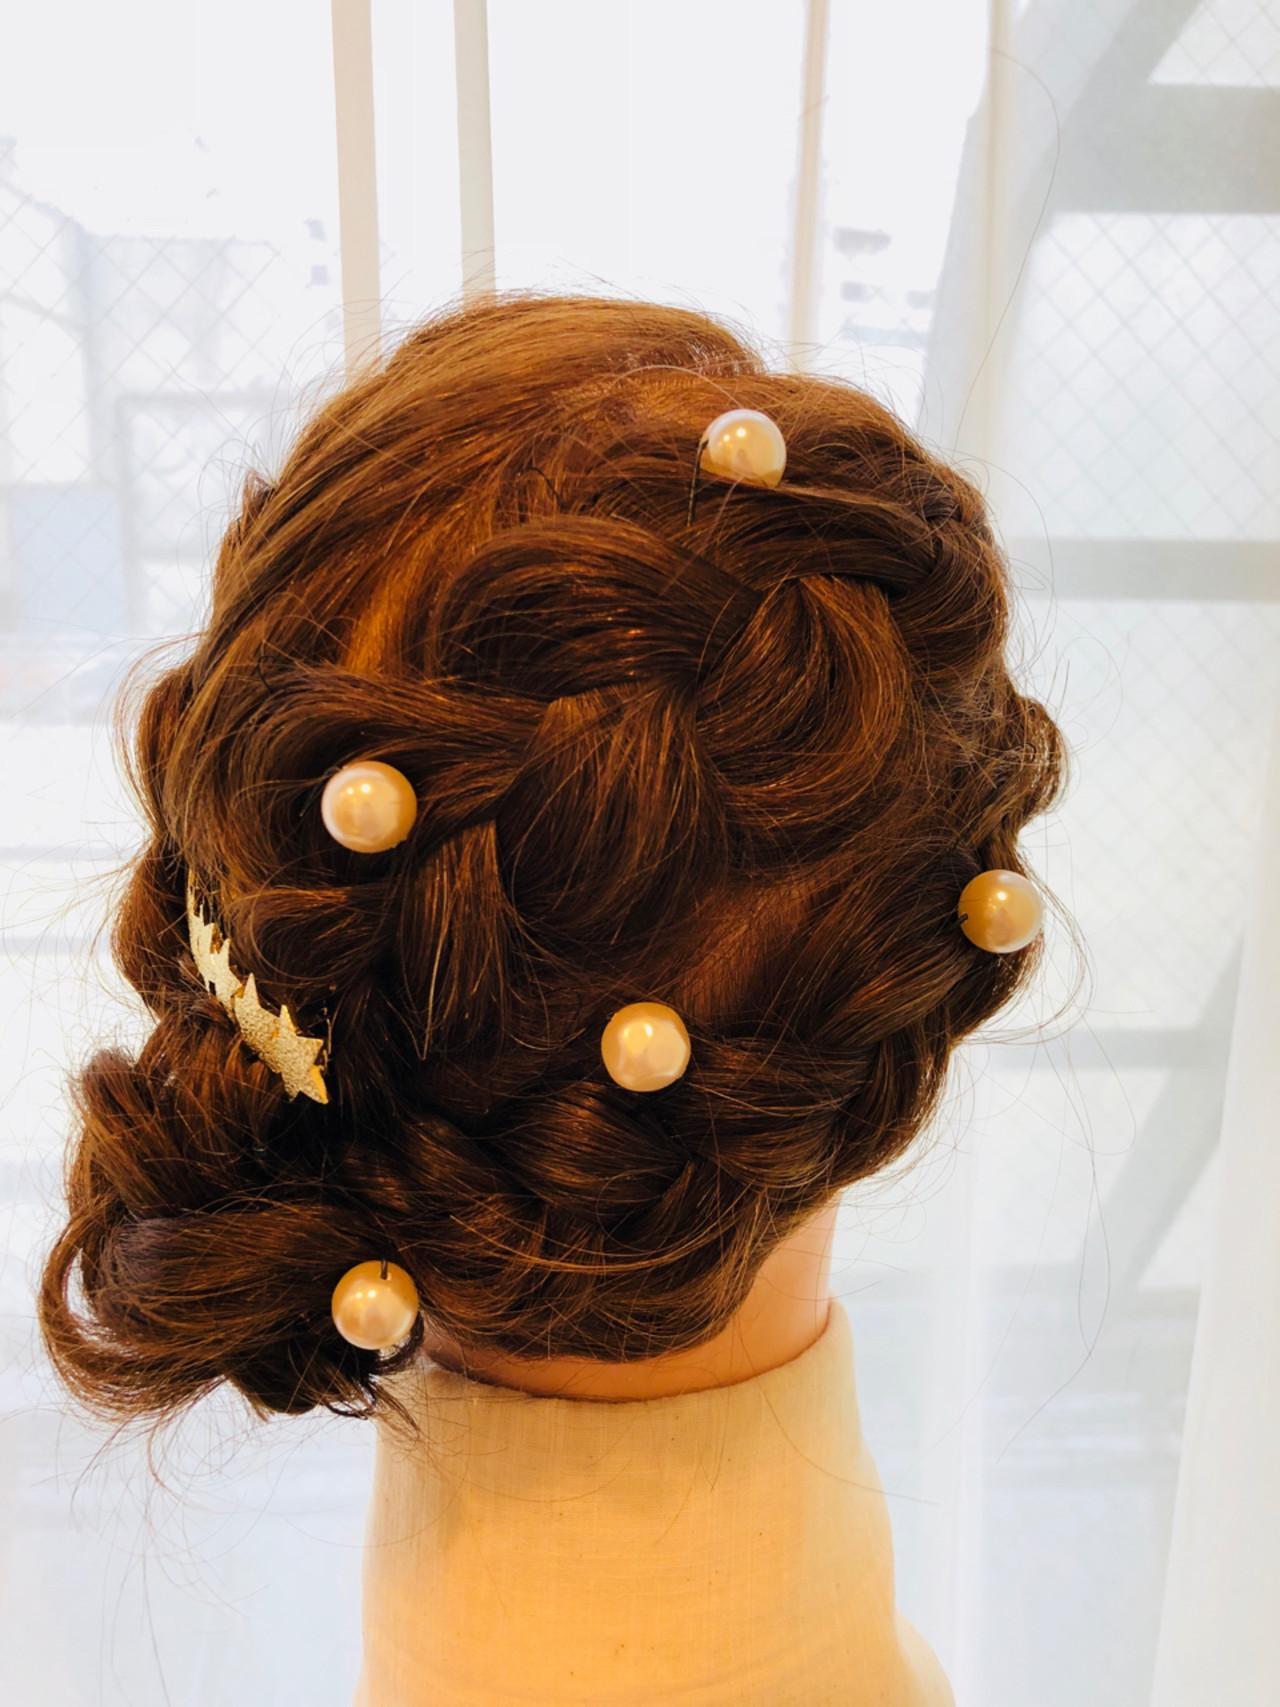 ナチュラル 編み込み ヘアアレンジ ロング ヘアスタイルや髪型の写真・画像